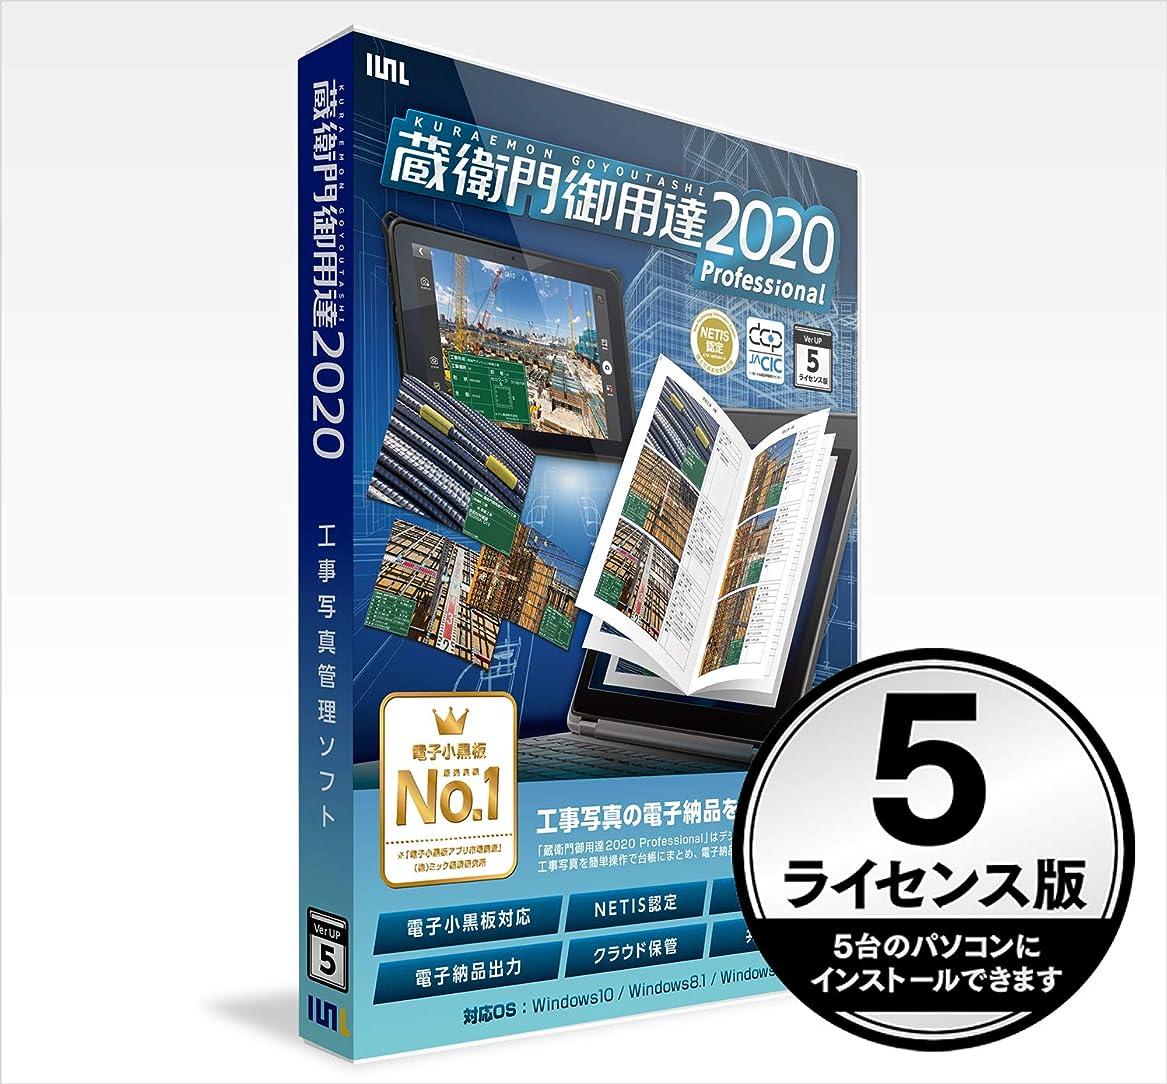 手伝うトロピカルファシズムルクレ GP20-N5 蔵衛門御用達2020 Professional 5ライセンス版(新規)